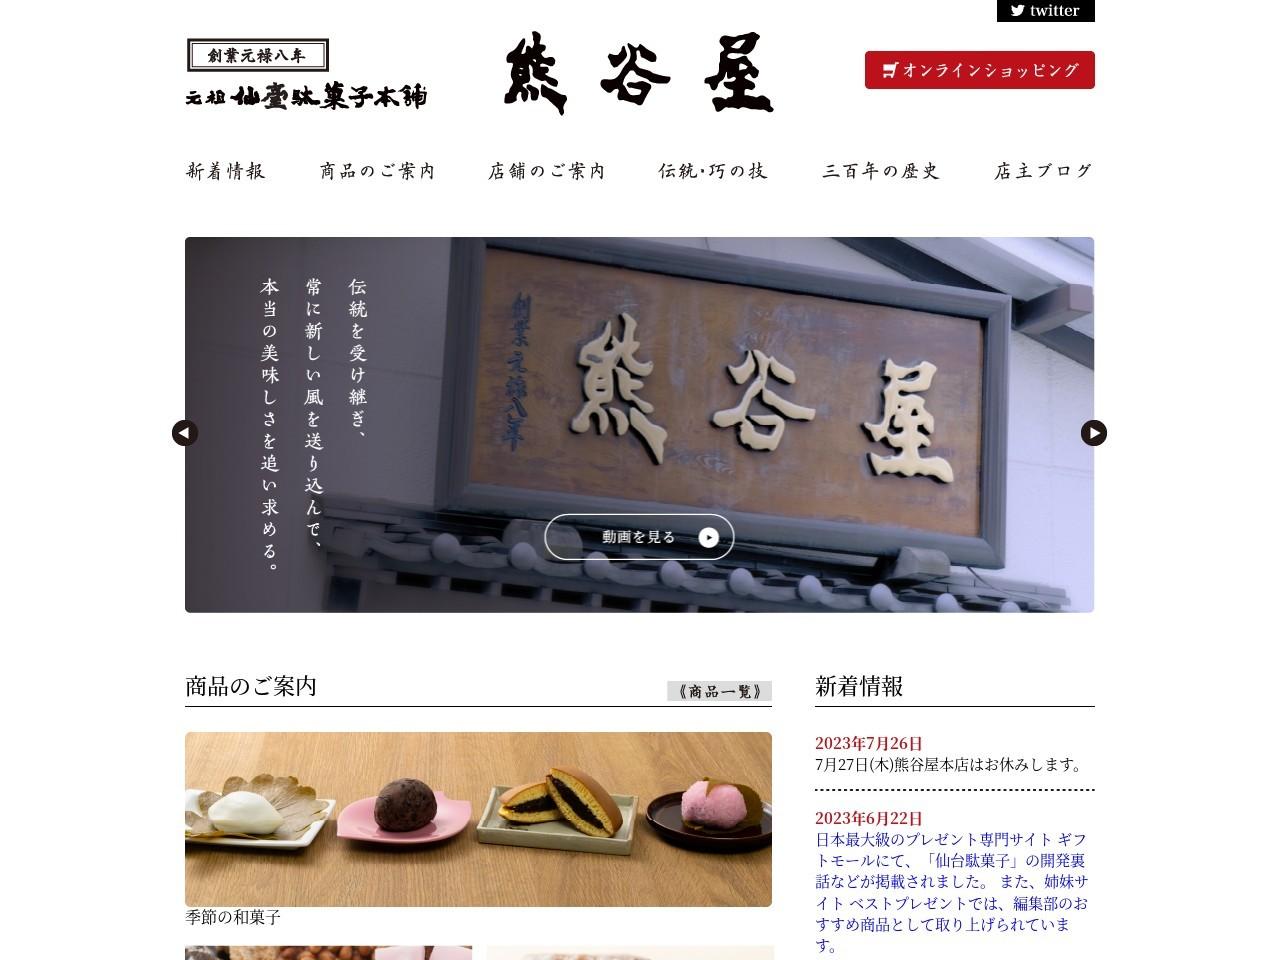 熊谷屋仙台駄菓子本舗